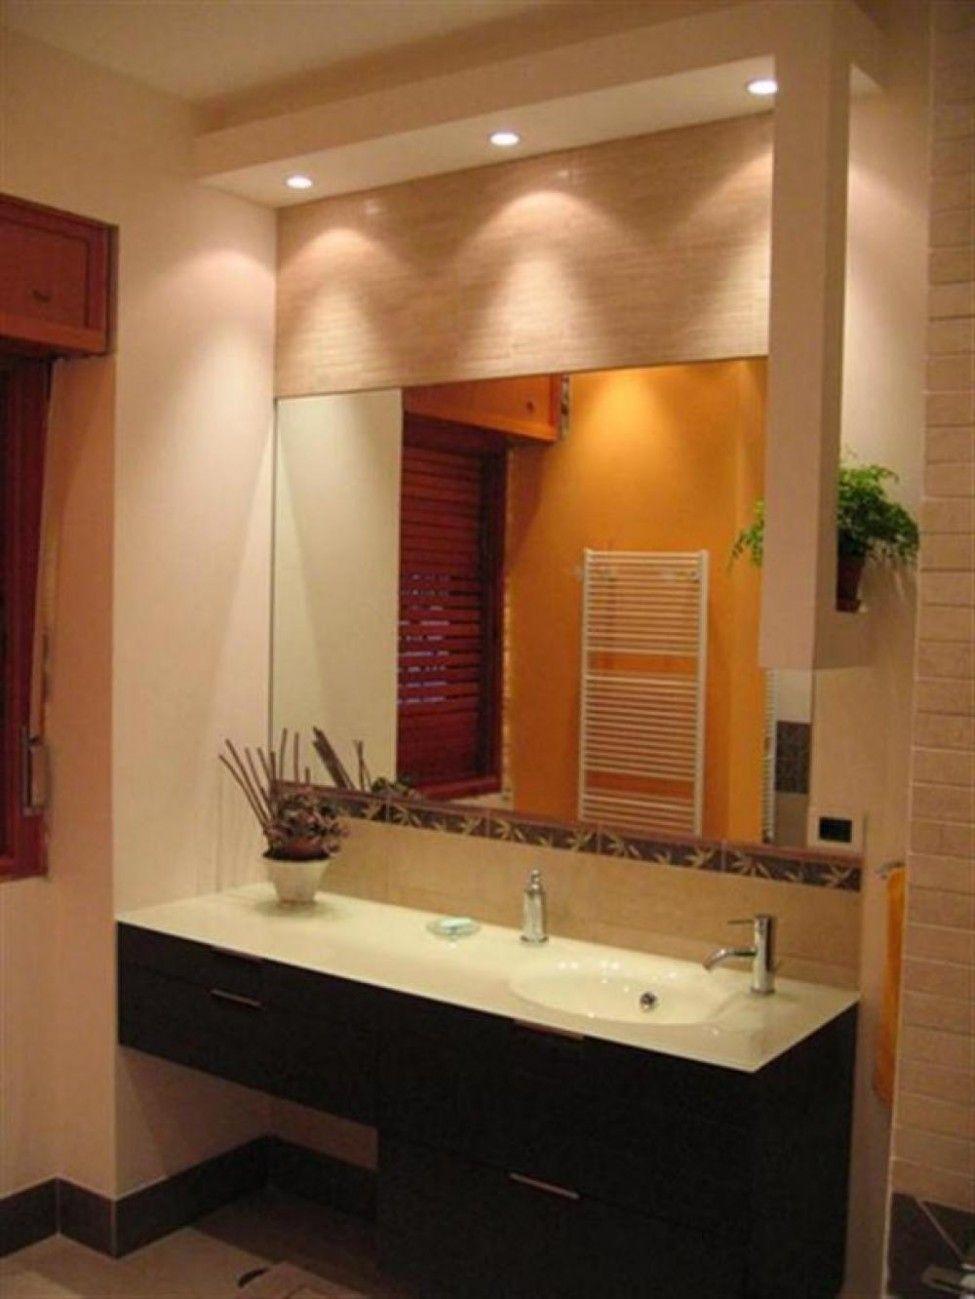 Warm Bathroom Lighting Ideas Elegant Bathroom Lighting Design Ideas For You Bathroom Bathroom Recessed Lighting Bathroom Lighting Design Best Bathroom Lighting